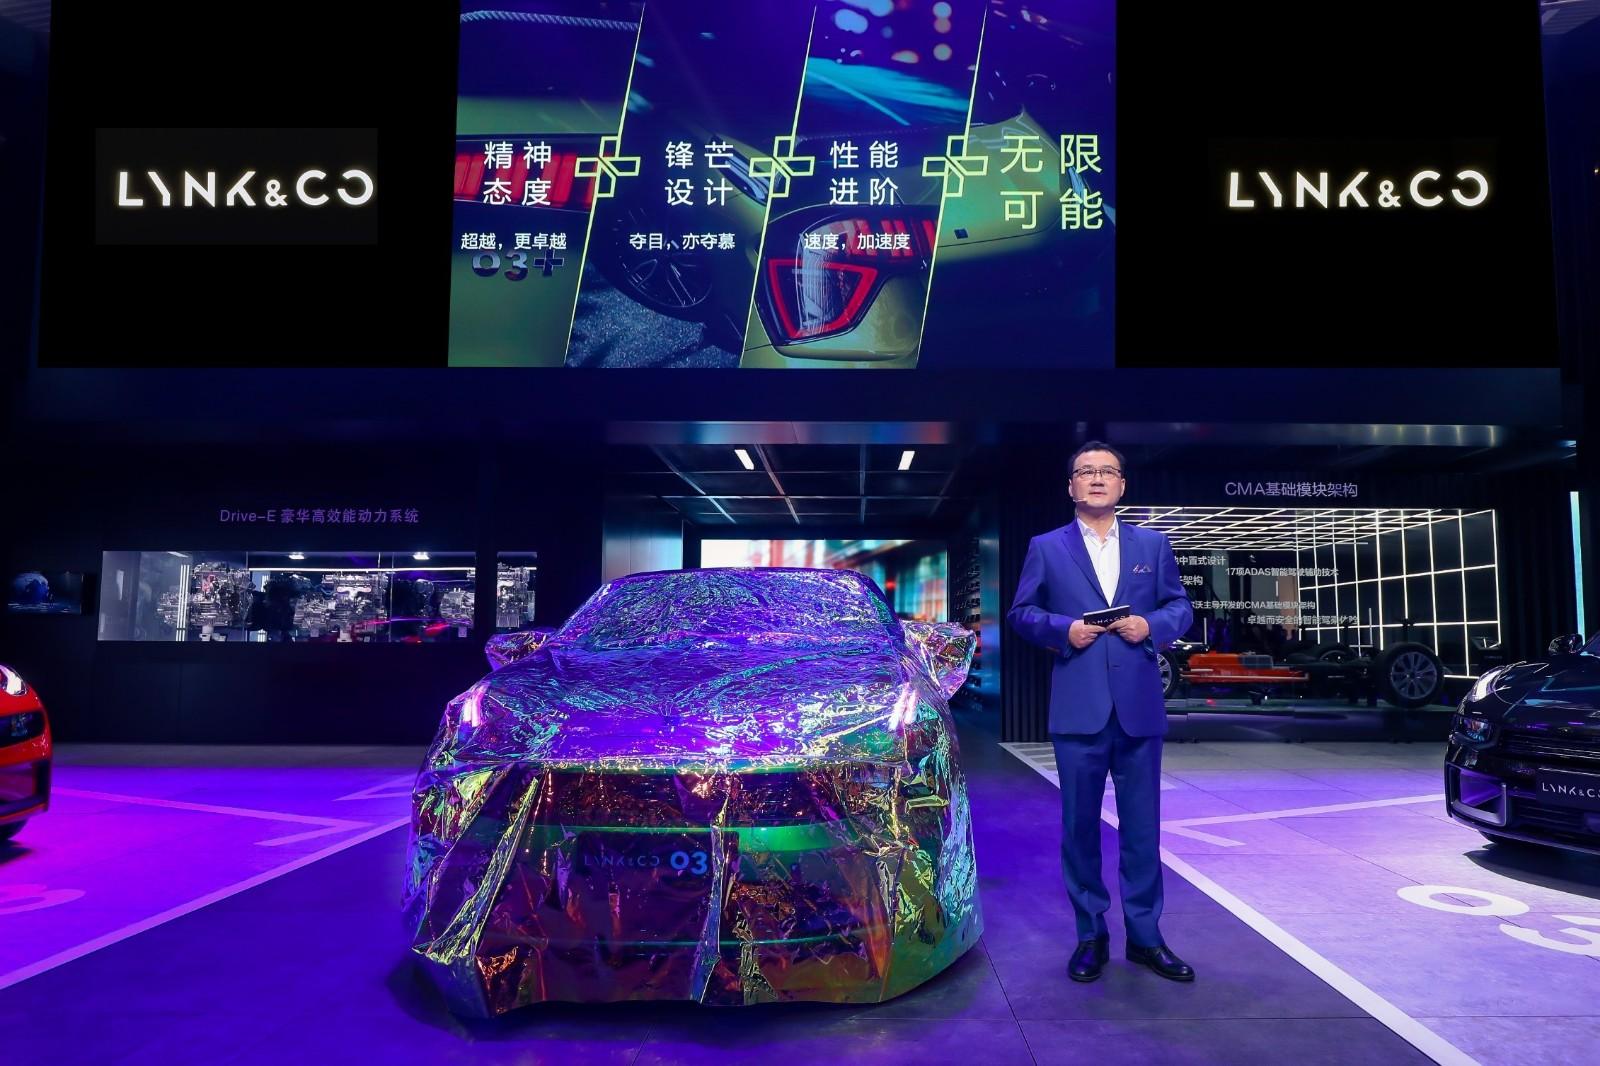 领克汽车销售有限公司副总经理陈思英致辞